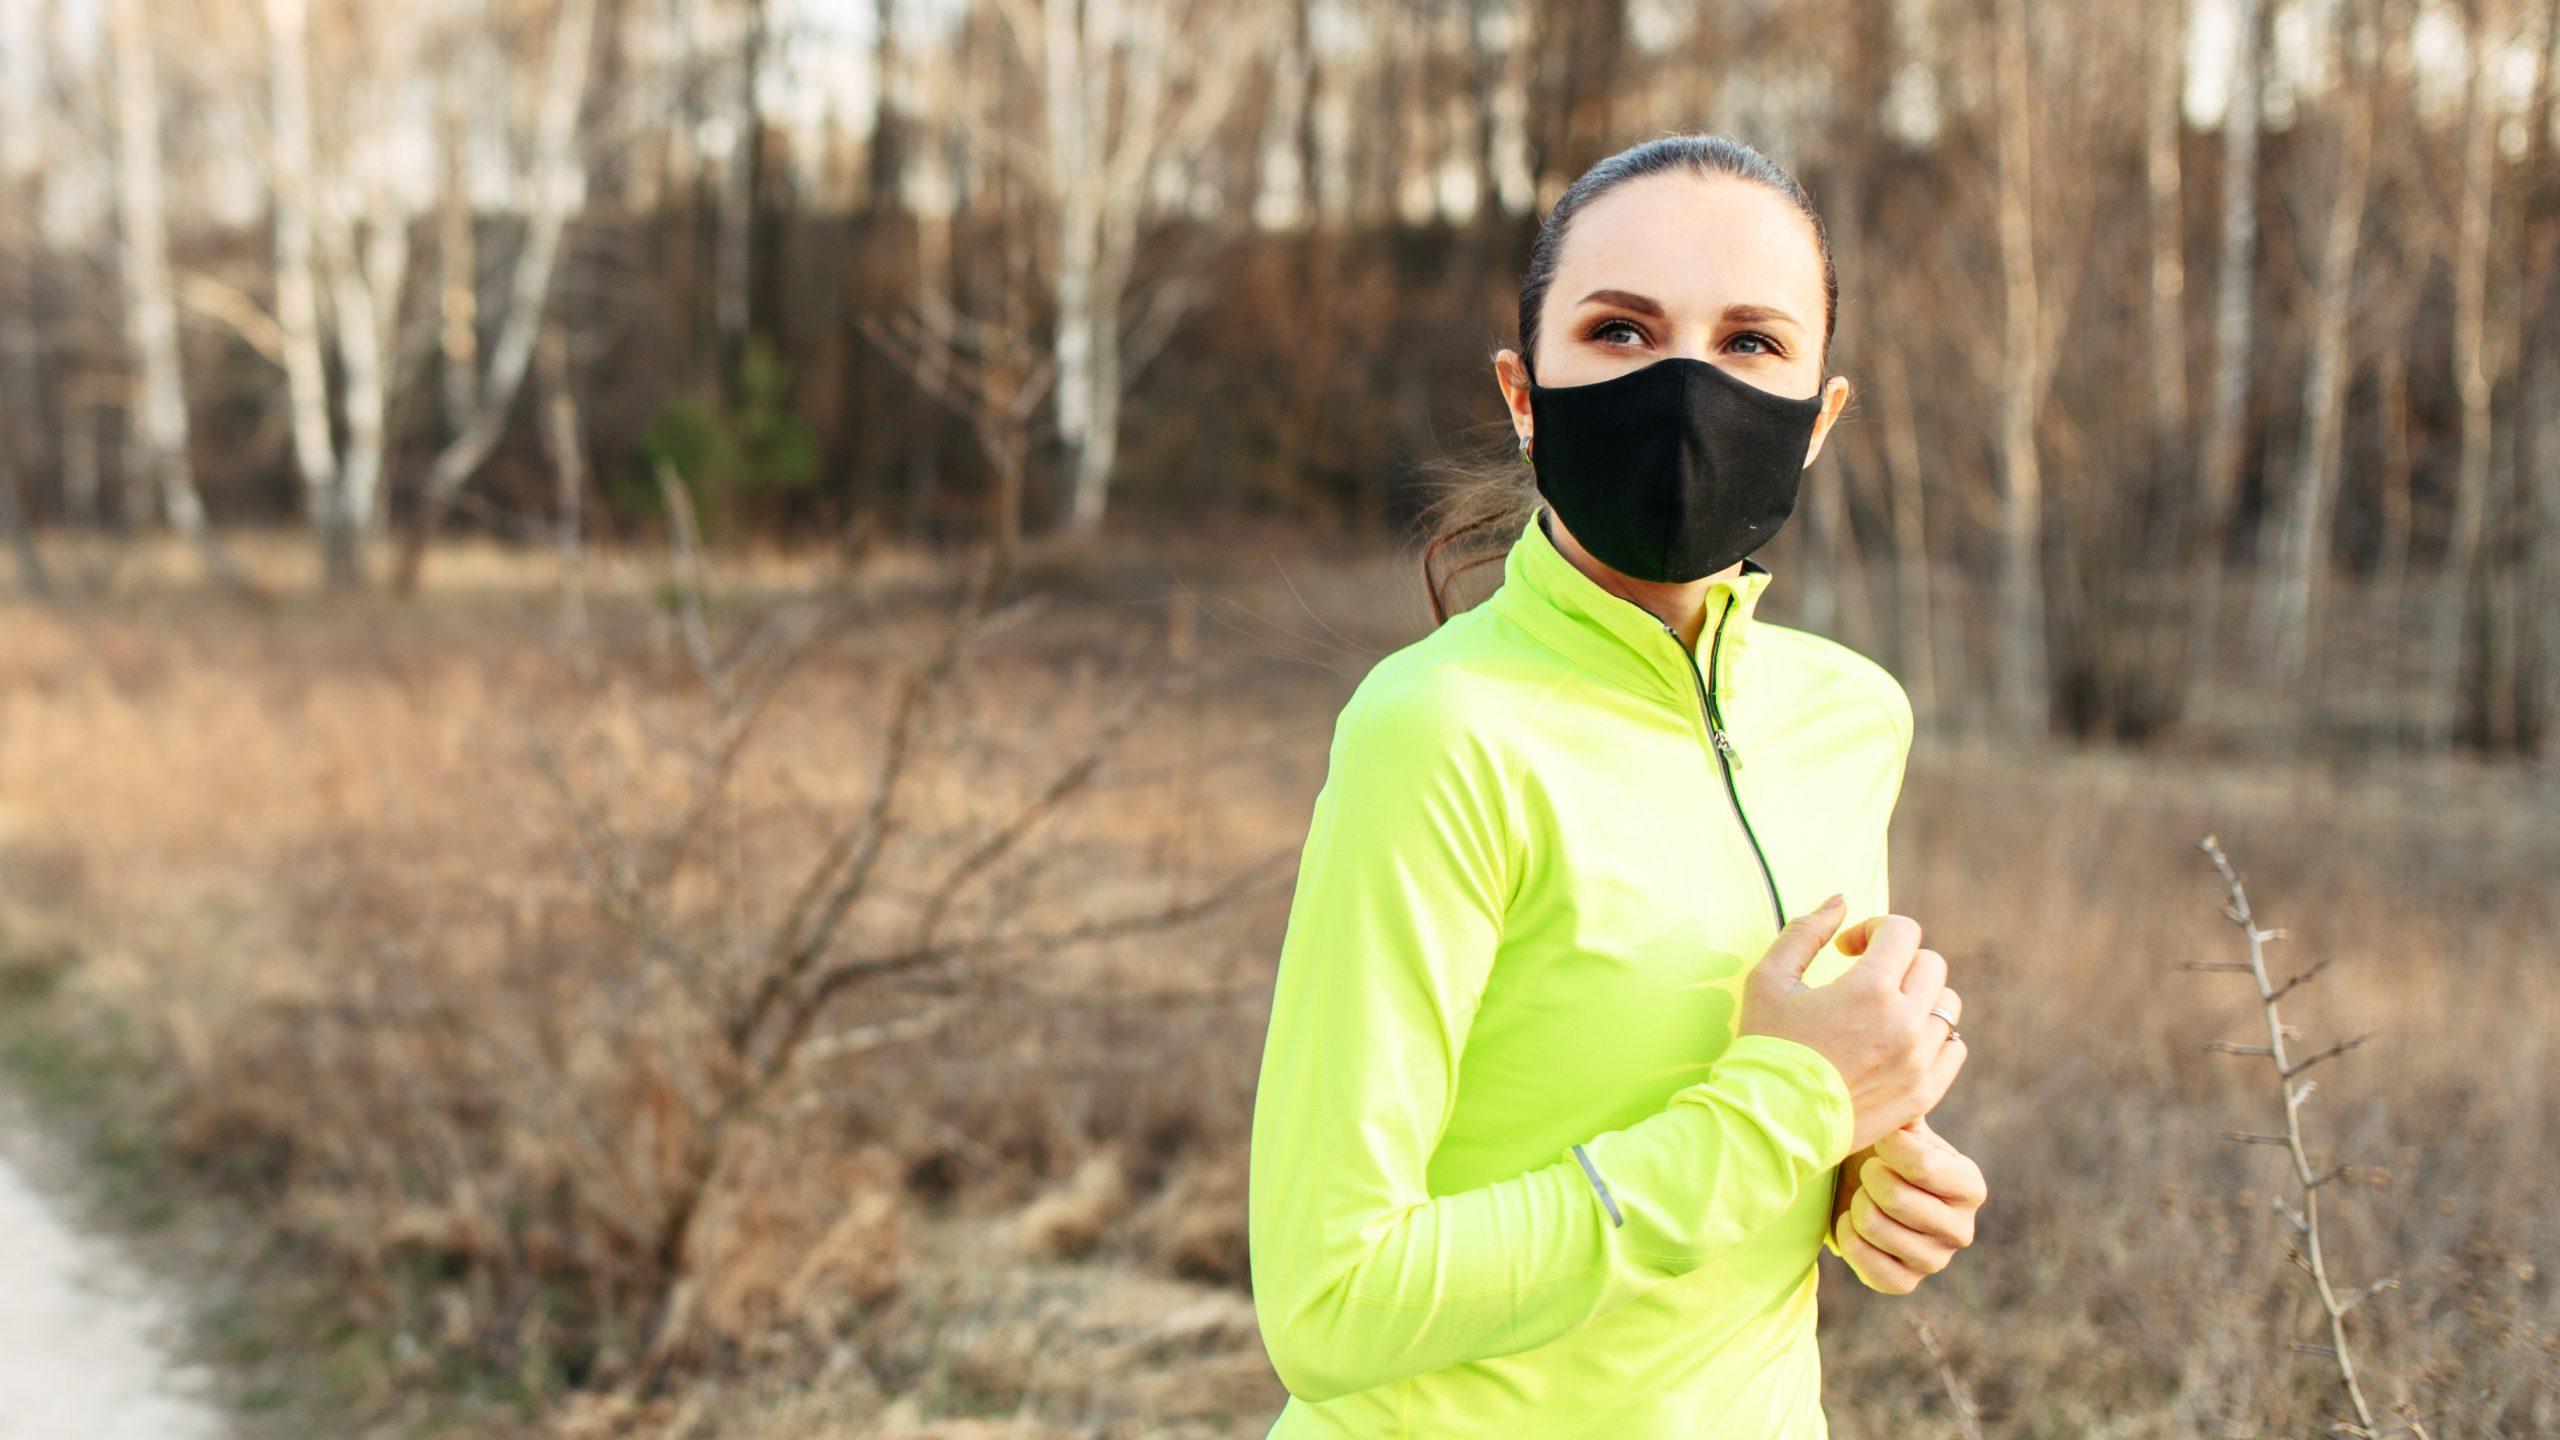 Μάσκα και τρέξιμο – Τι απαντούν οι «ειδικοί»